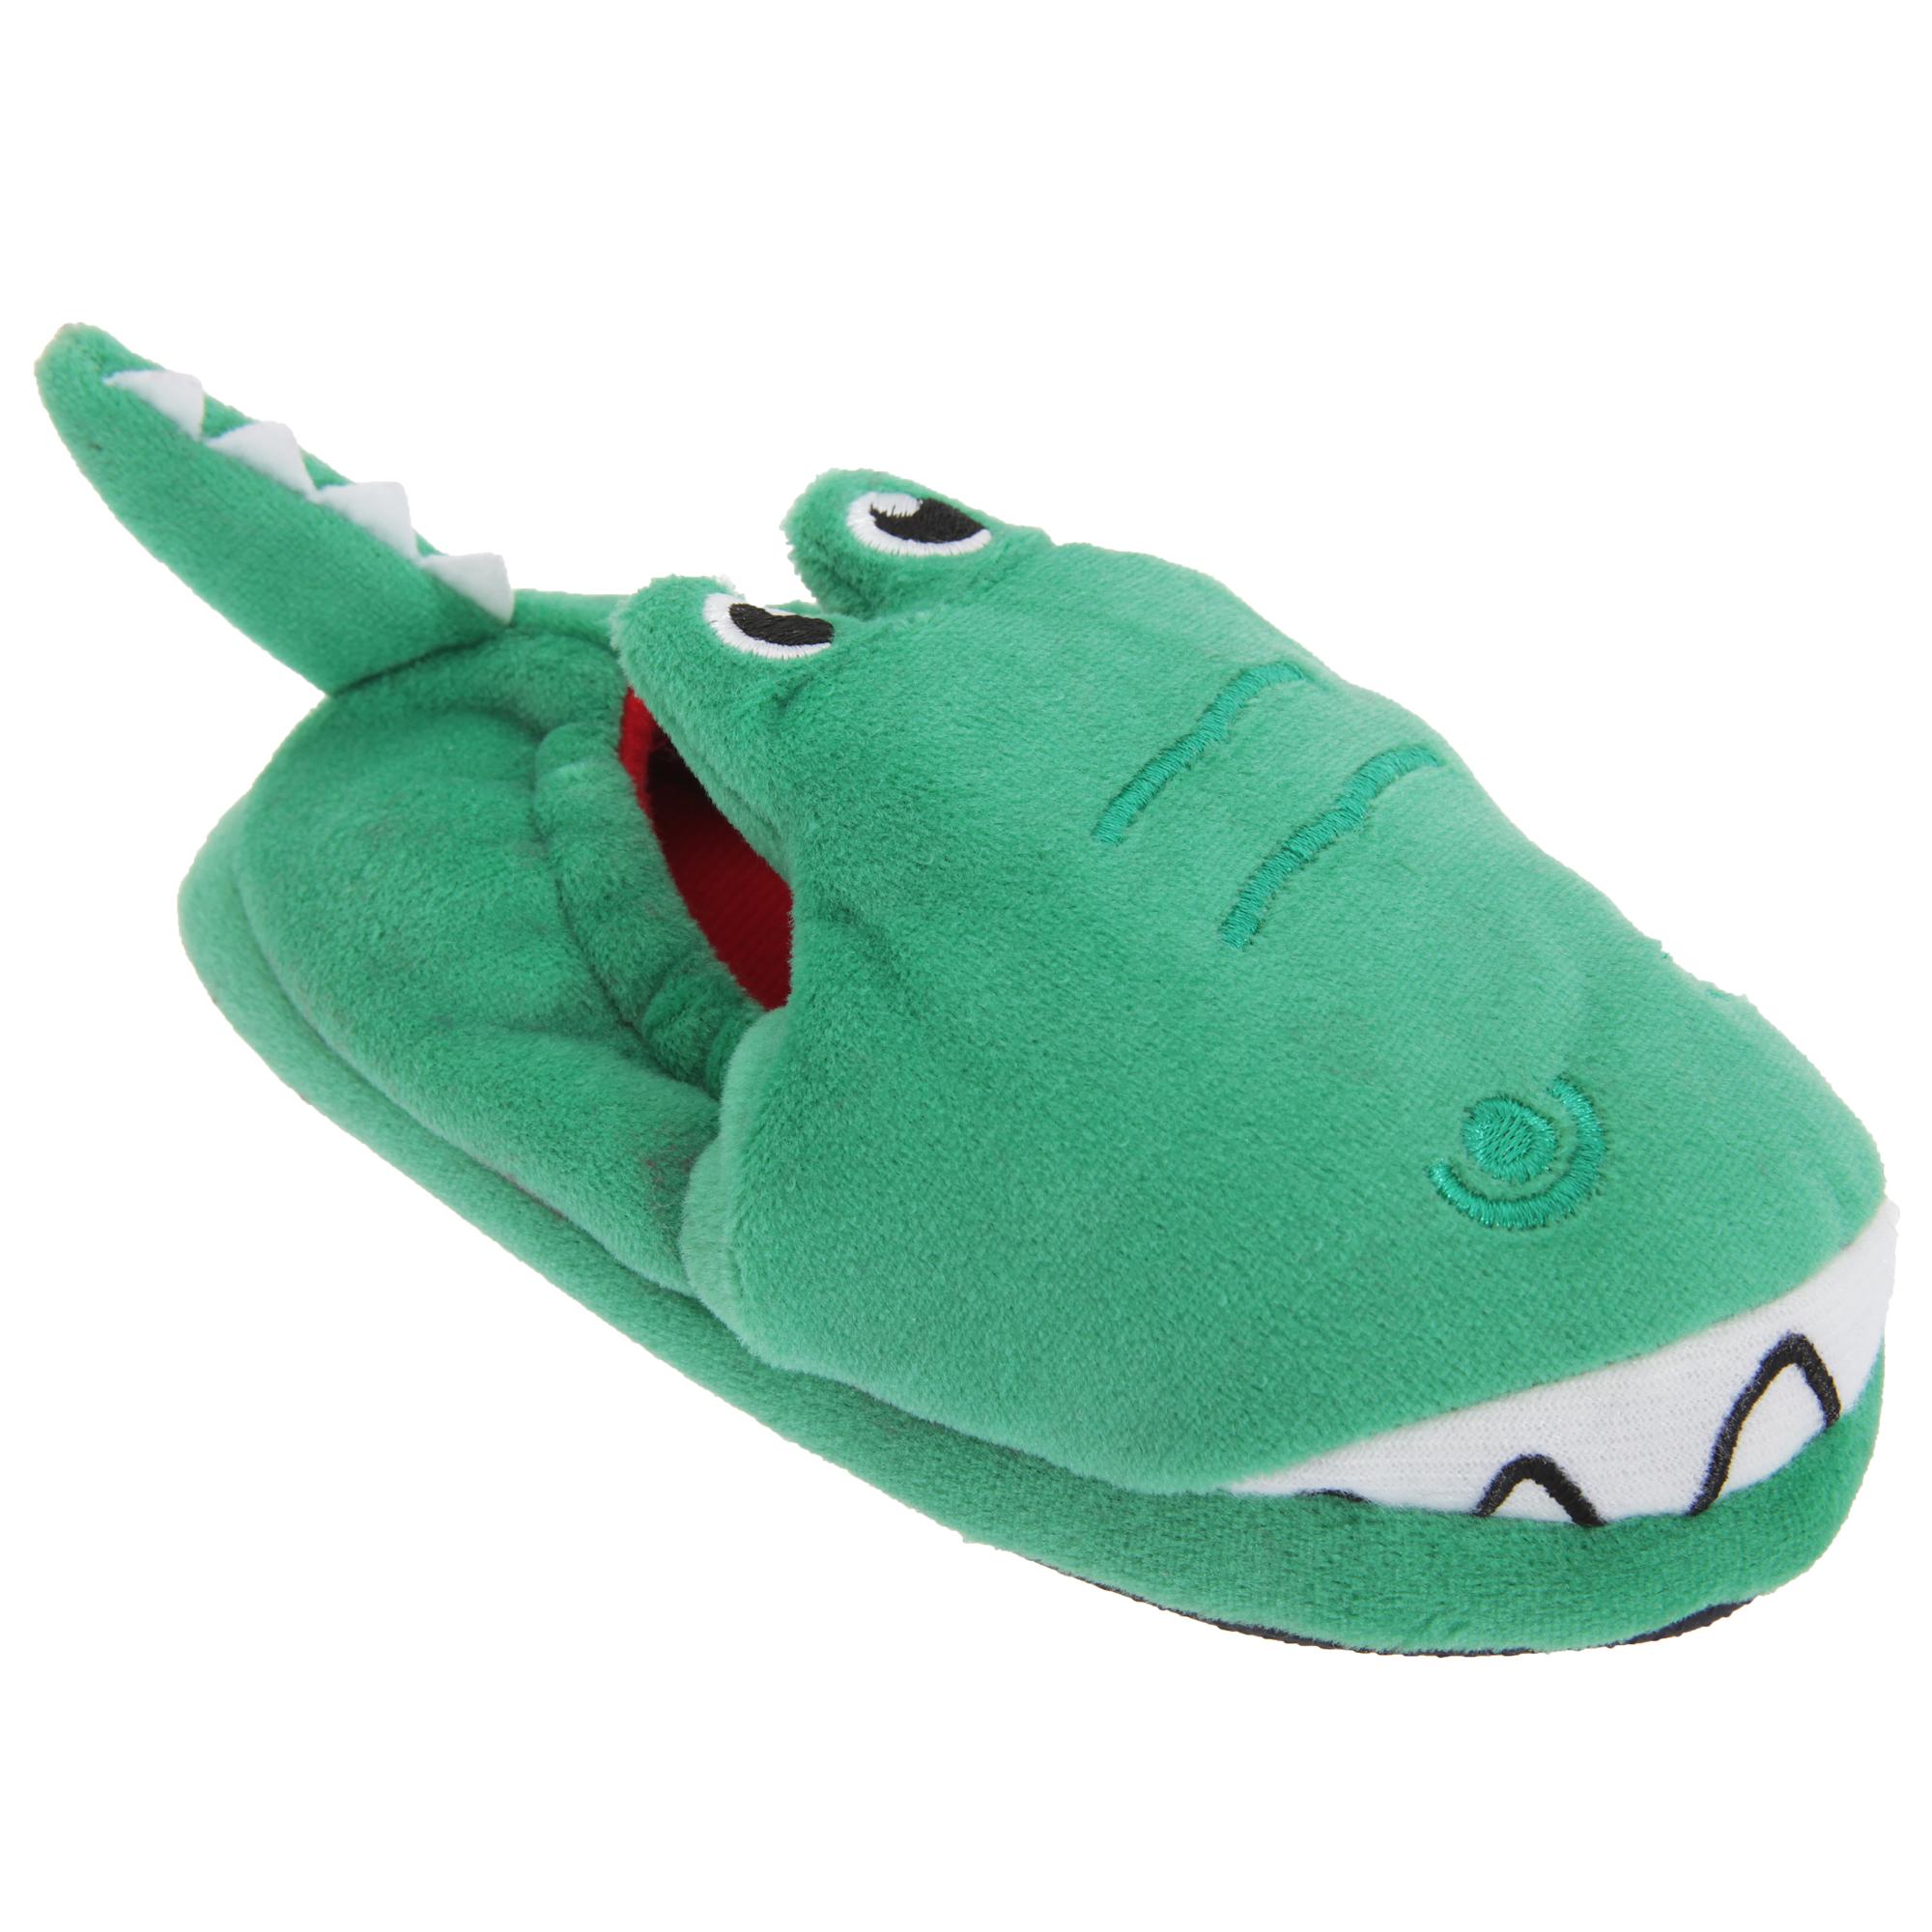 Zapatillas de estar por casa con dise o animal 3d para - Zapatillas estar por casa nino ...